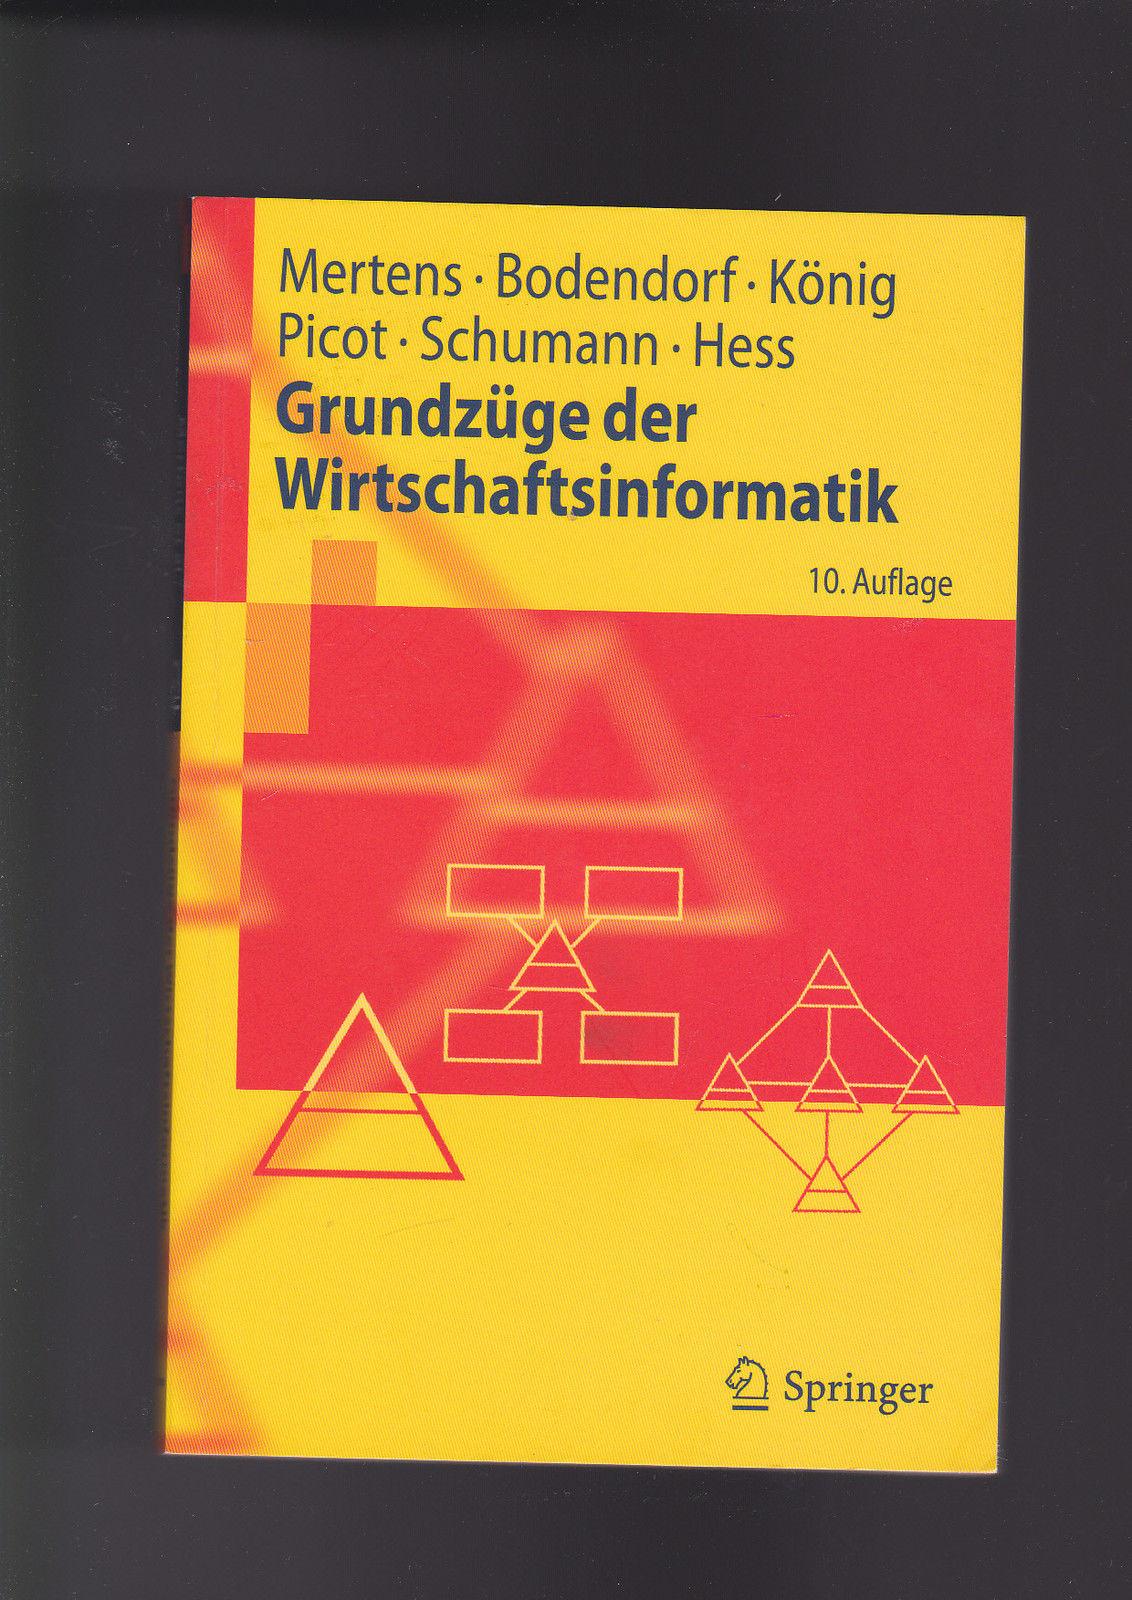 Mertens, Bodendorf, Picot u.a., Grundzüge der Wirtschaftsinformatik - Mertens Bodendorf und Picot